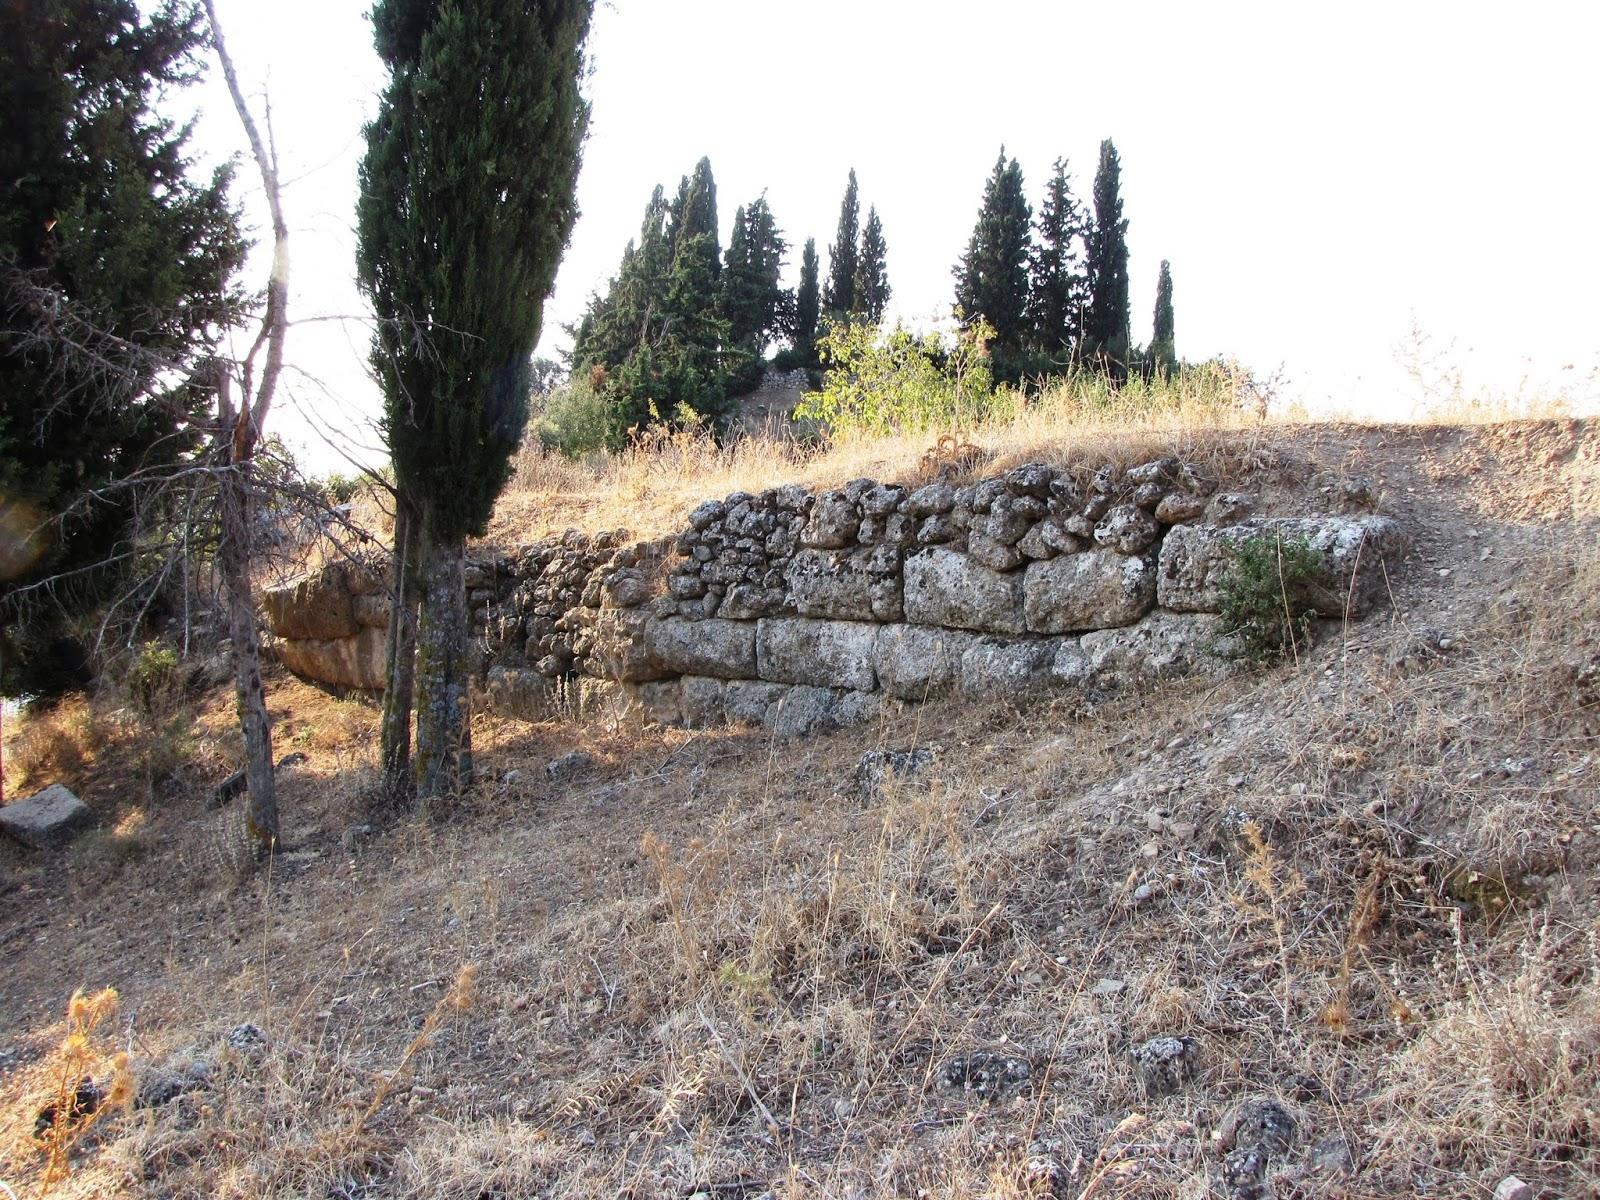 Η Αρχαία  Τιτάνη και το Ασκληπιείο της από τον Γεώργιο Λόη